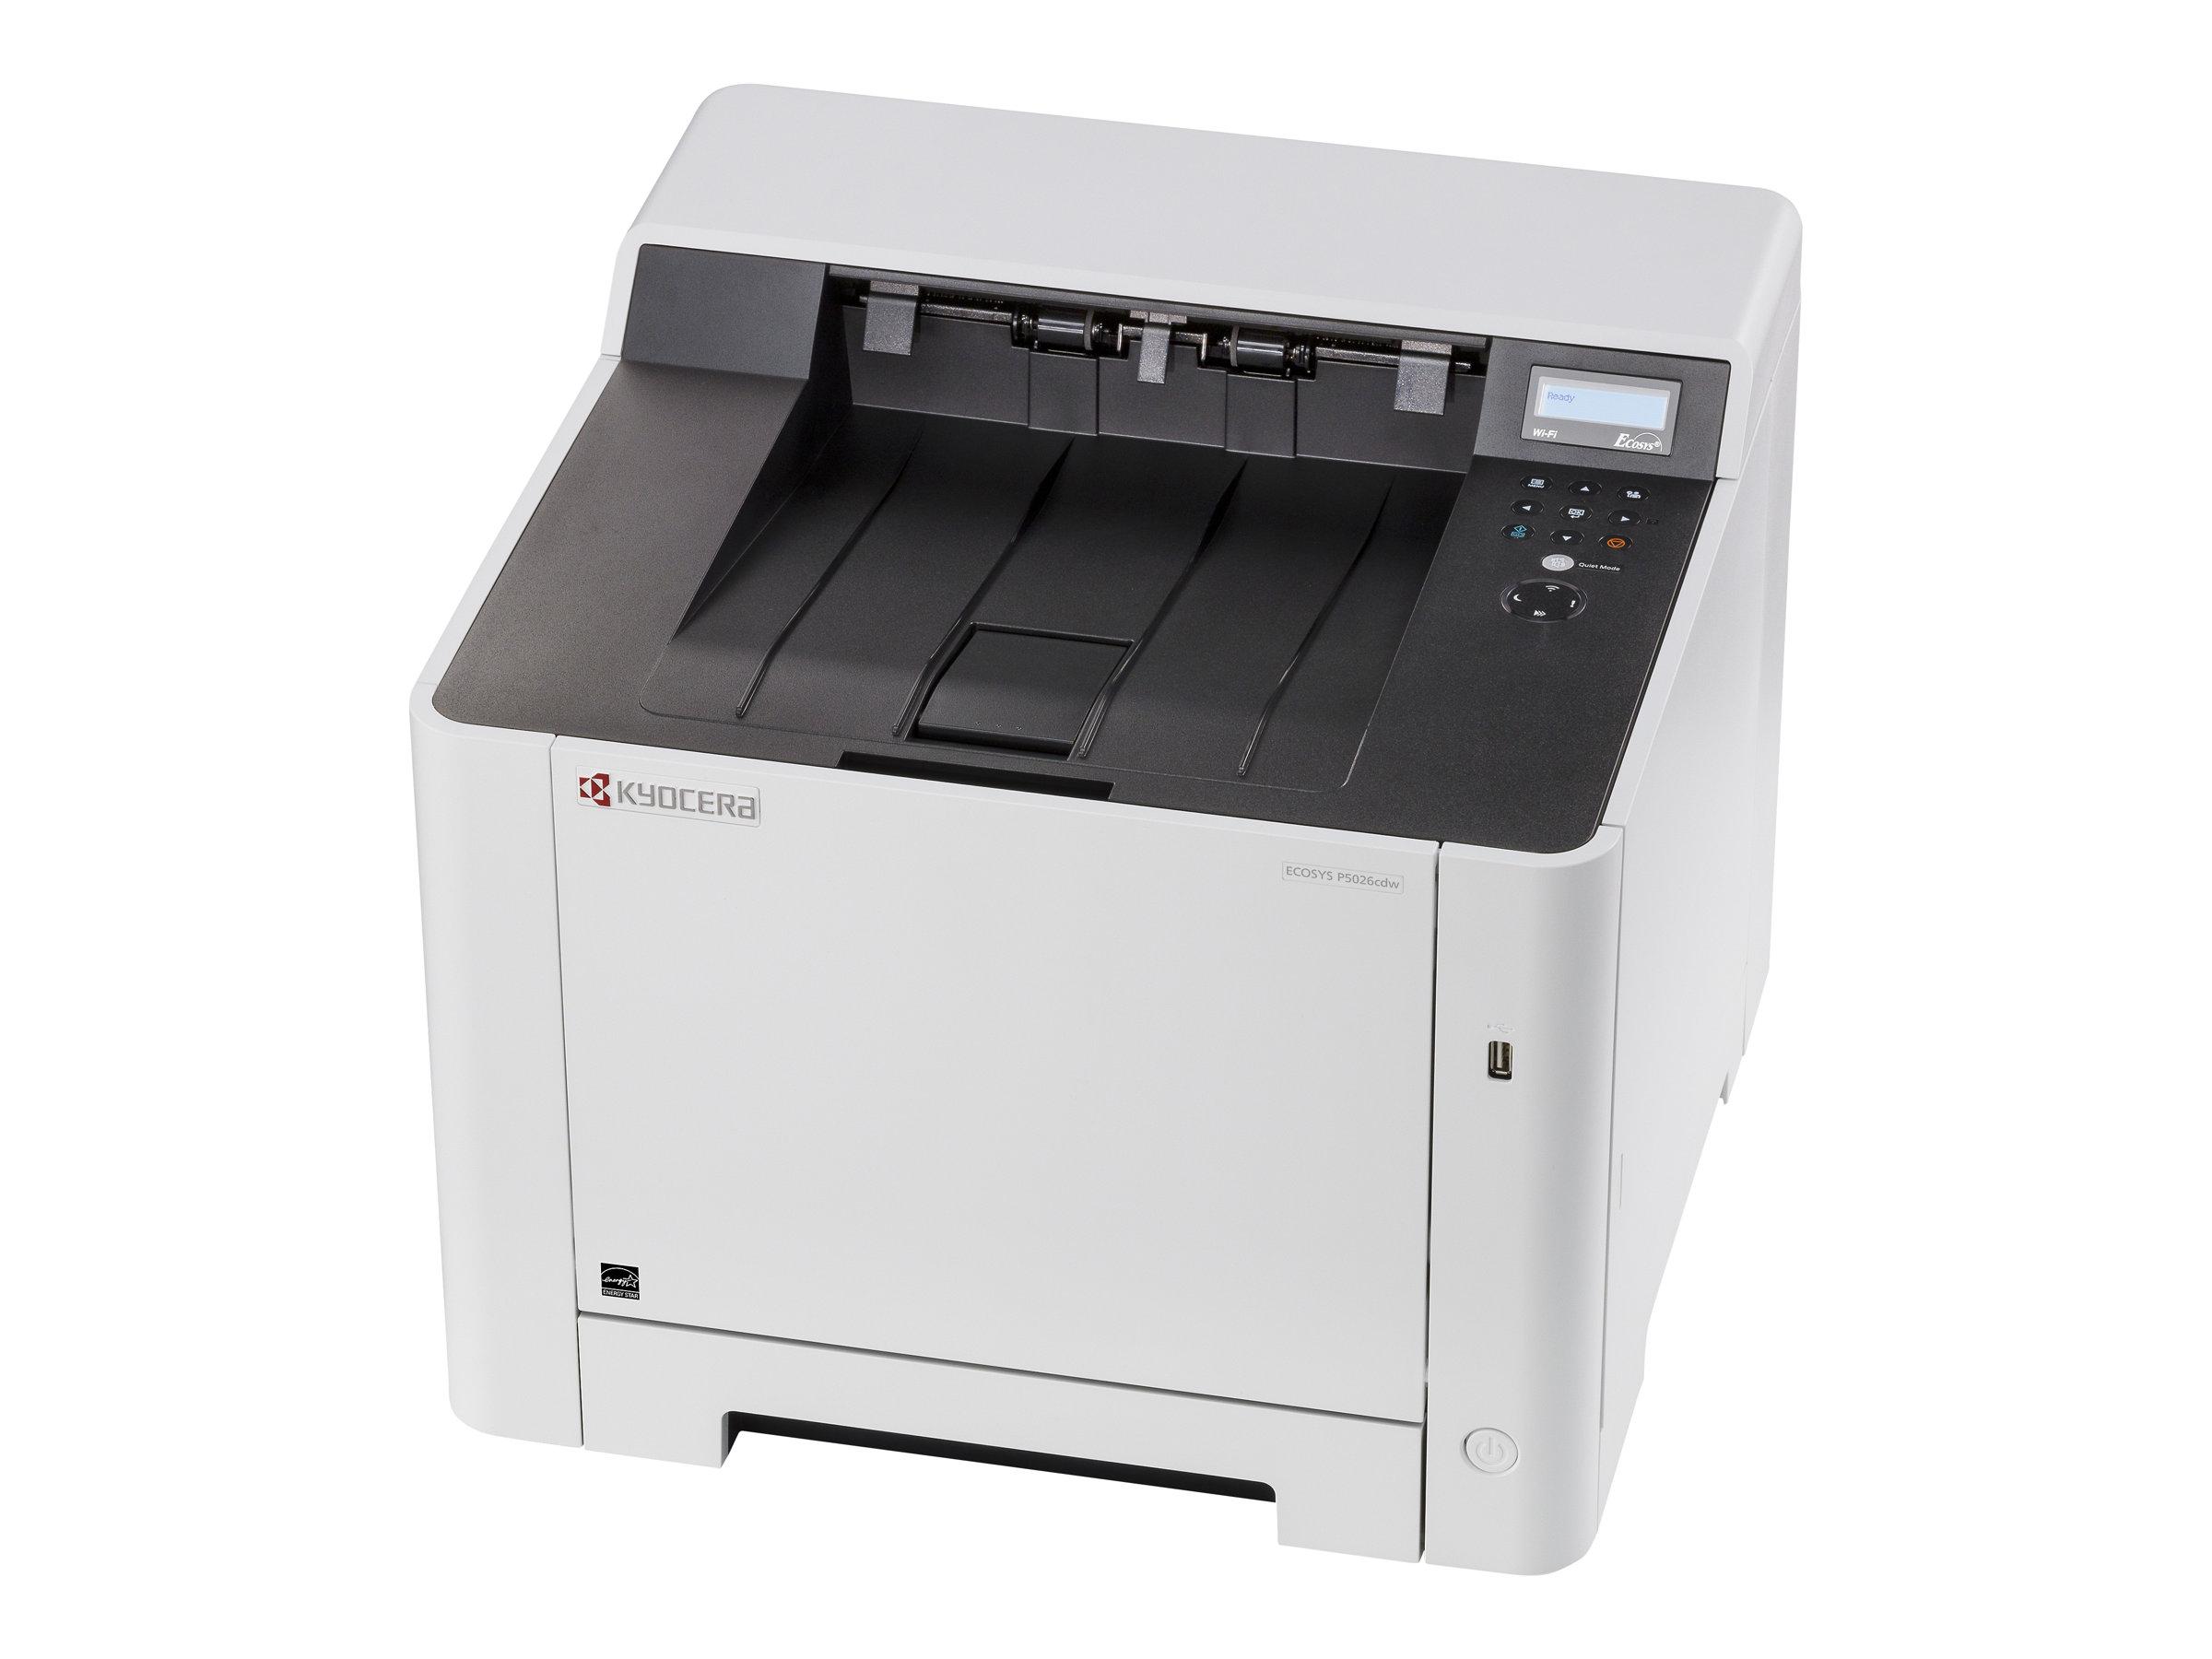 Kyocera ECOSYS P5026cdw - Drucker - Farbe - Duplex - Laser - A4/Legal - 9600 x 600 dpi - bis zu 26 Seiten/Min. (einfarbig)/